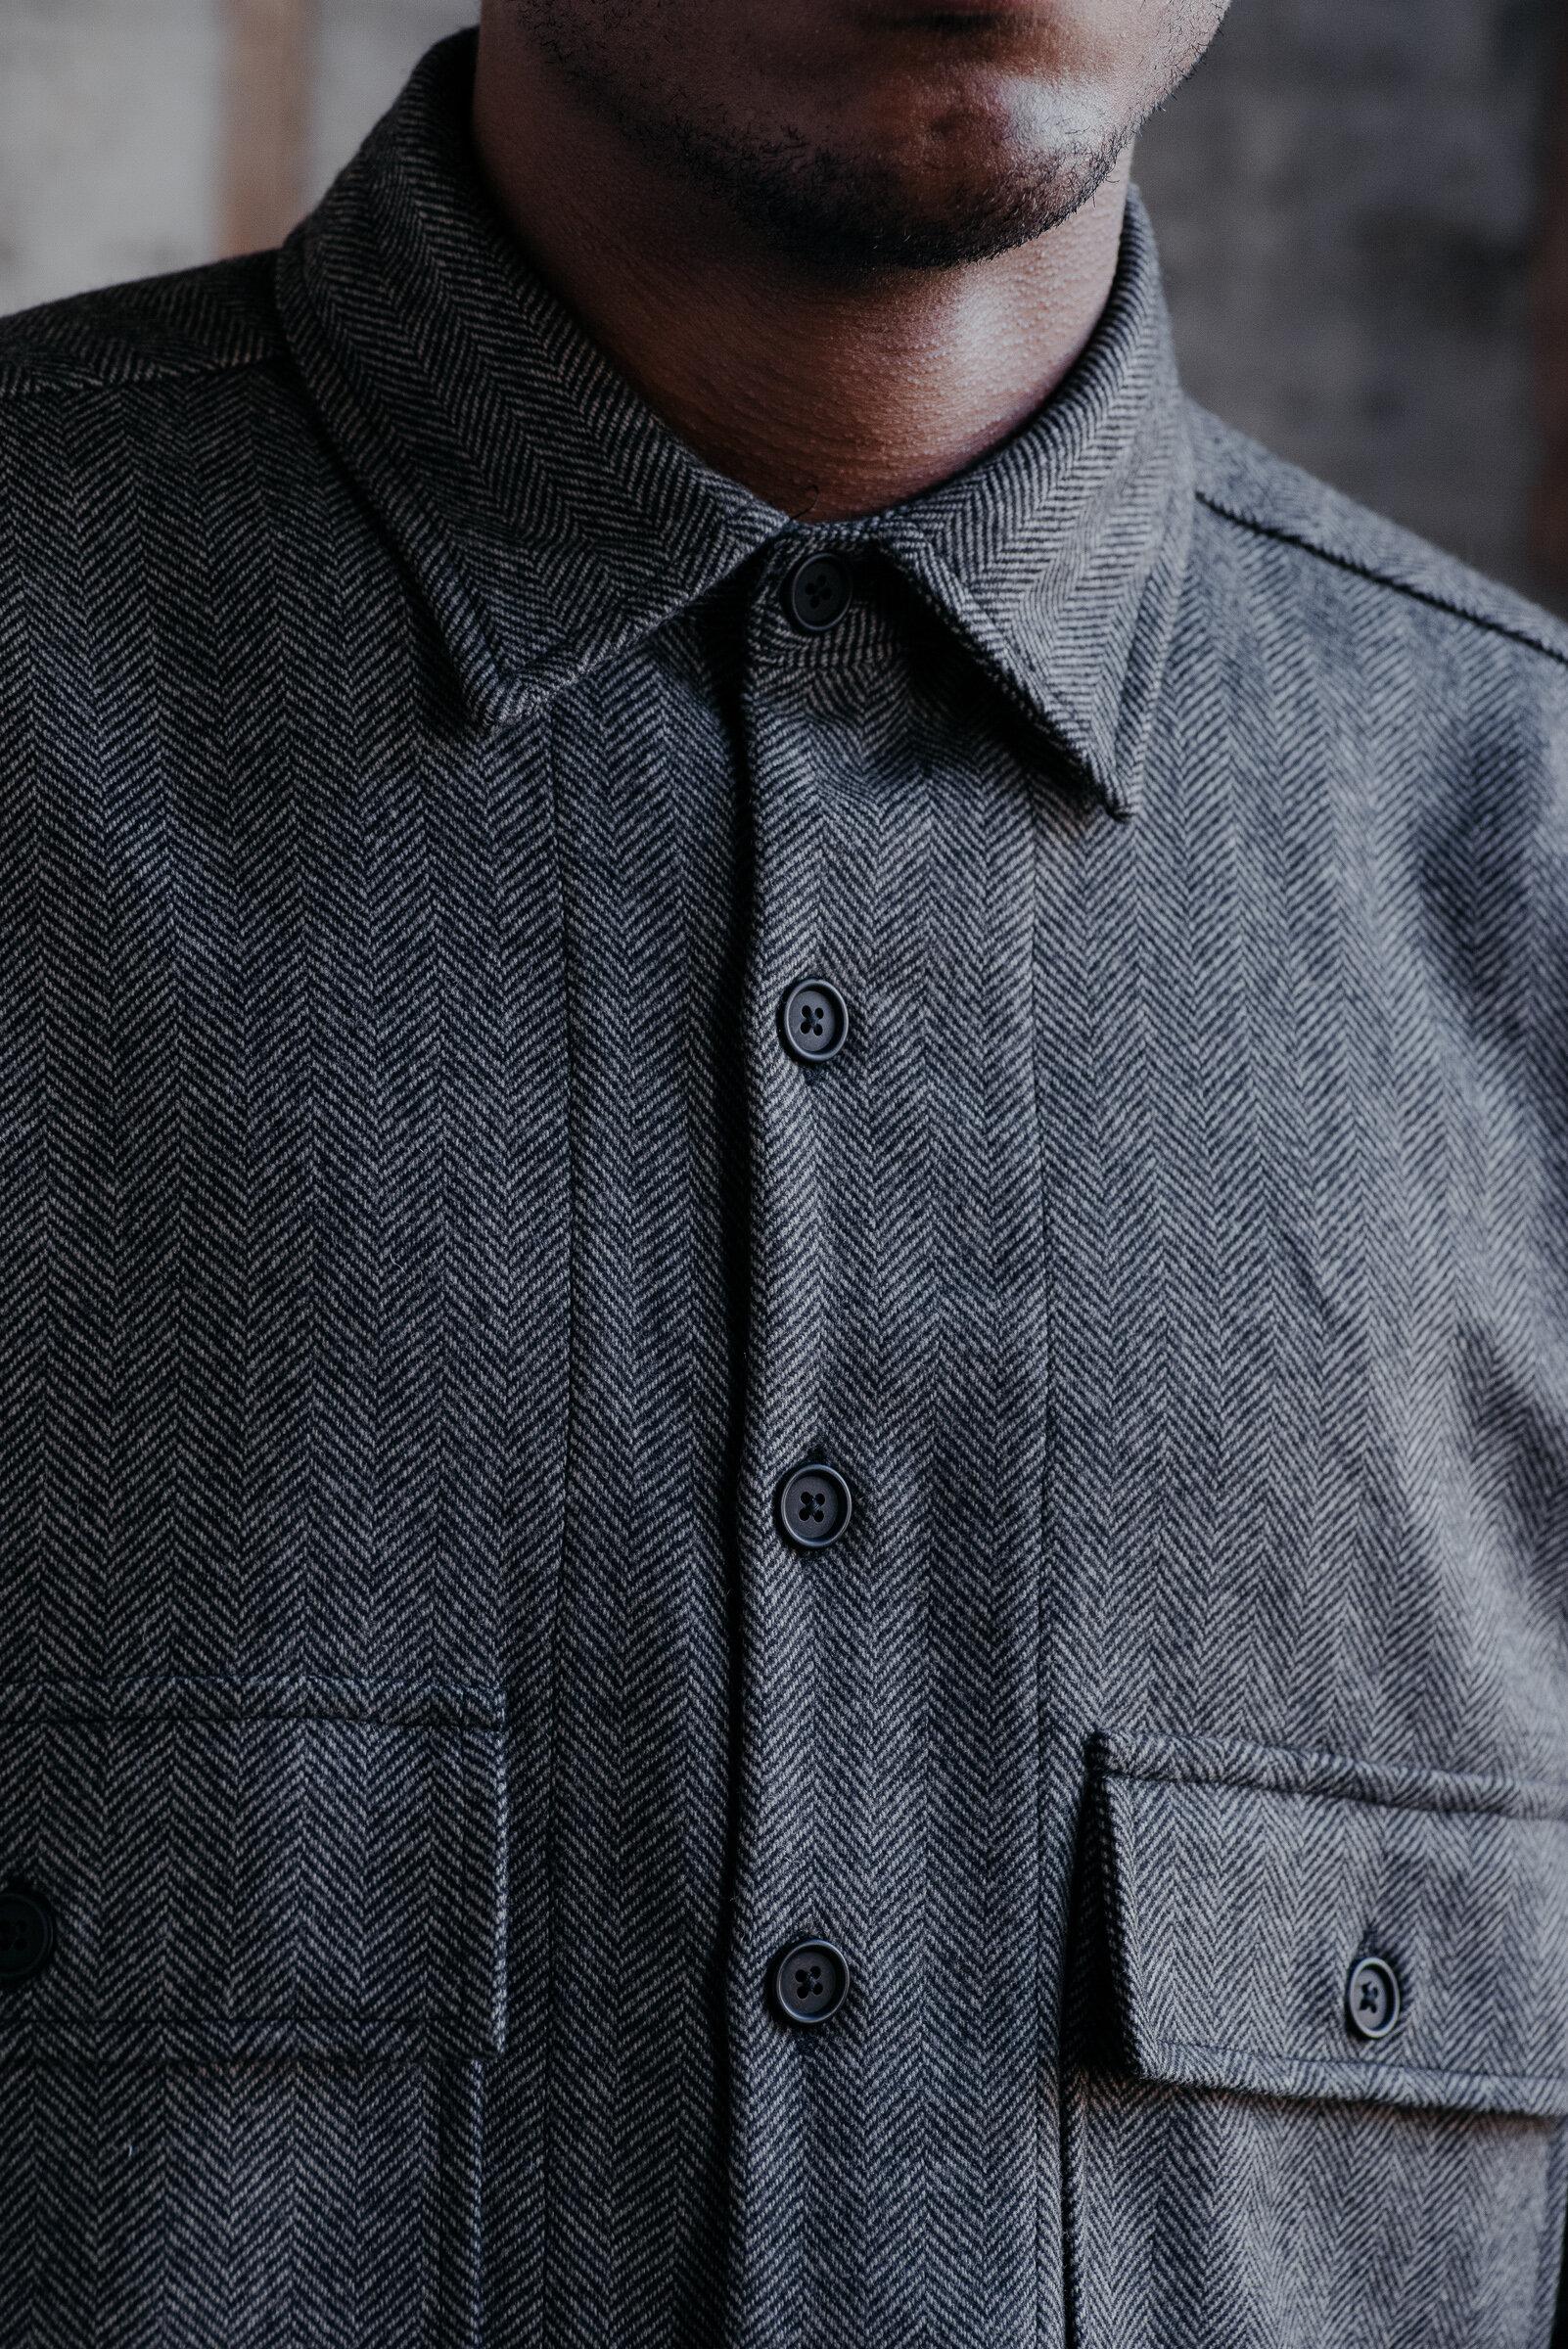 evan-kinori-big-shirt-cashmere-lambswool-herringbone-woven-england-6